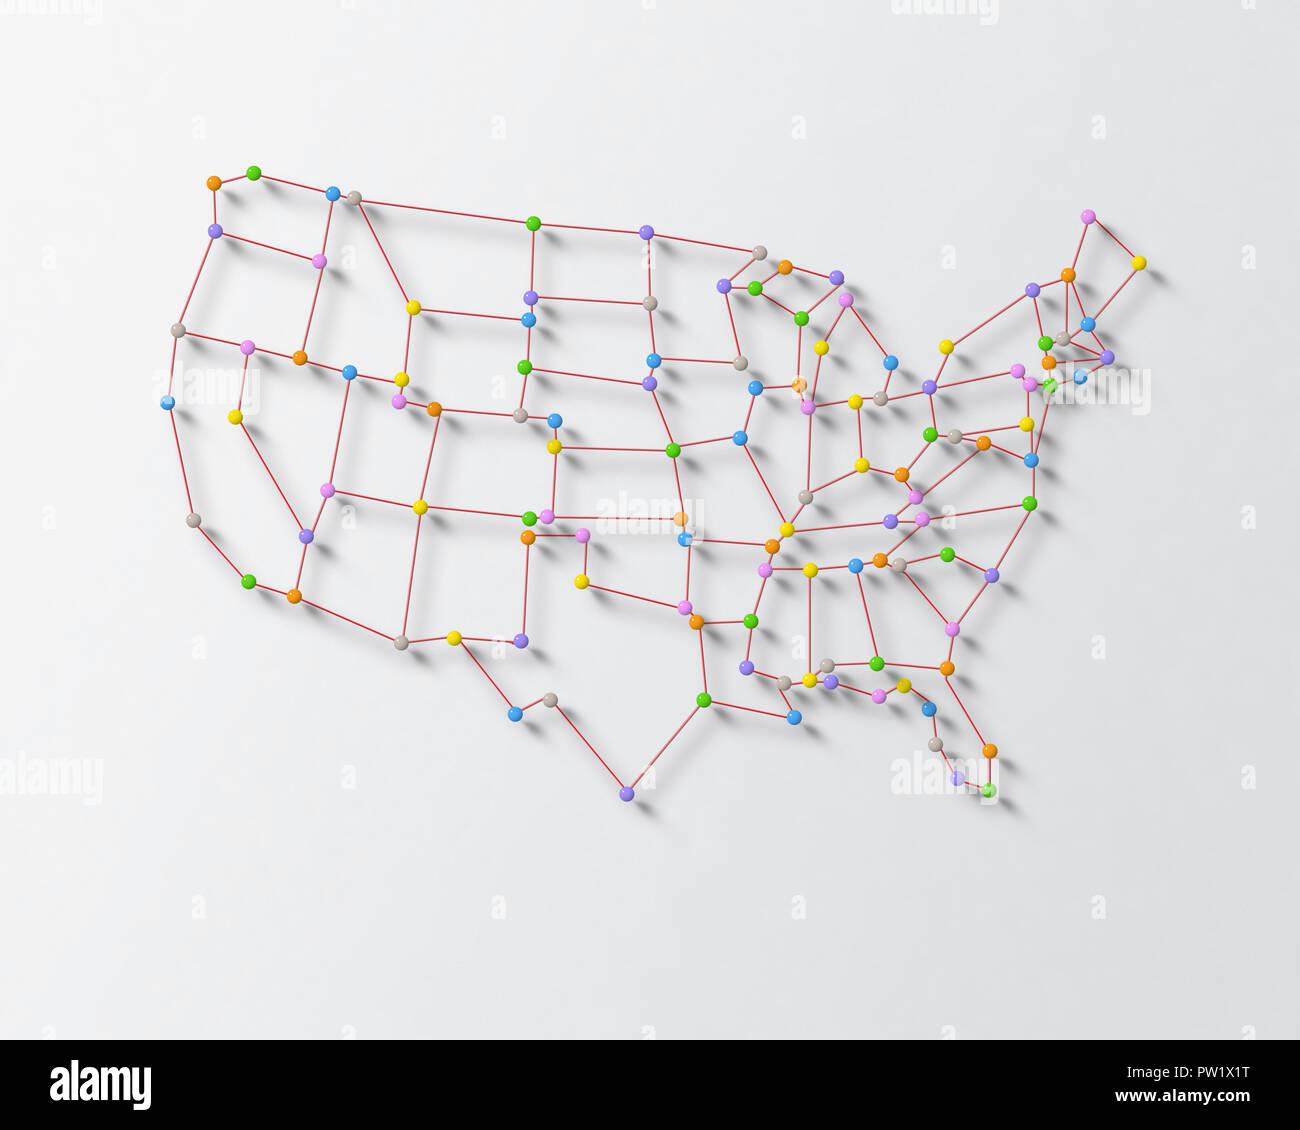 Farbe Stifte und Spurweiten auf einer Oberfläche, die United States Karte, USA, US, Nordamerika Stockbild